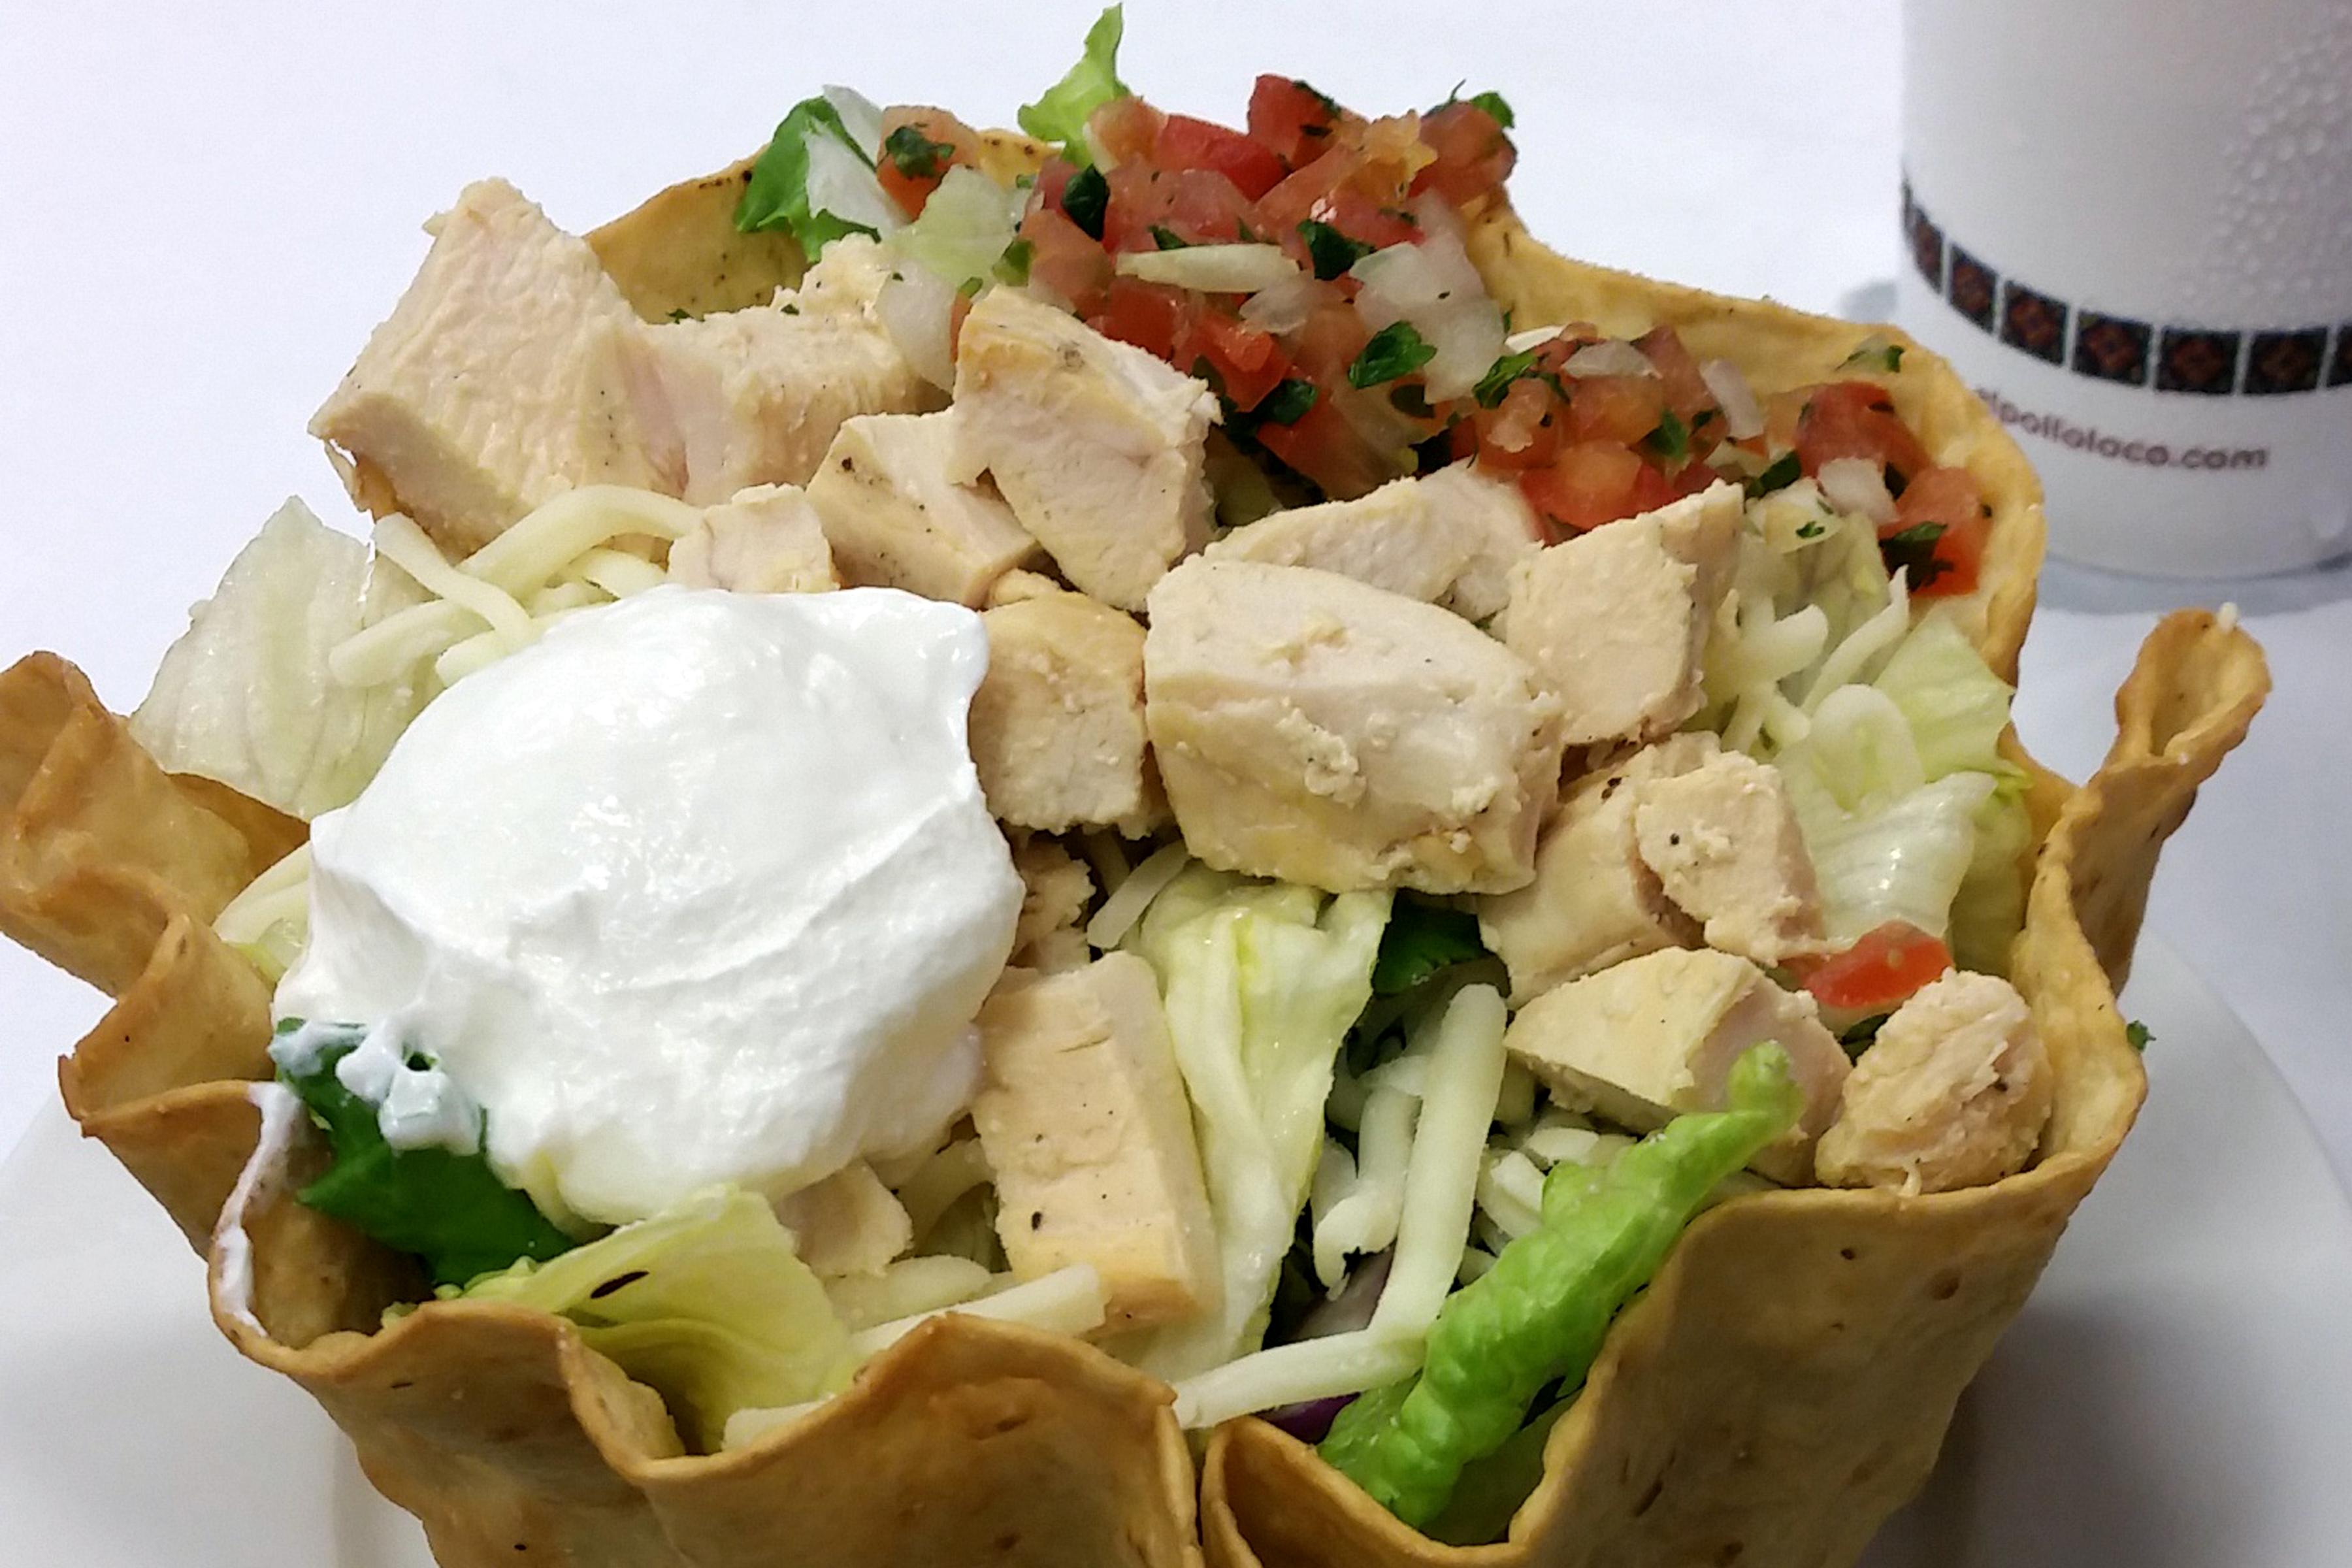 El Pollo Loco: they have salads too! #ad